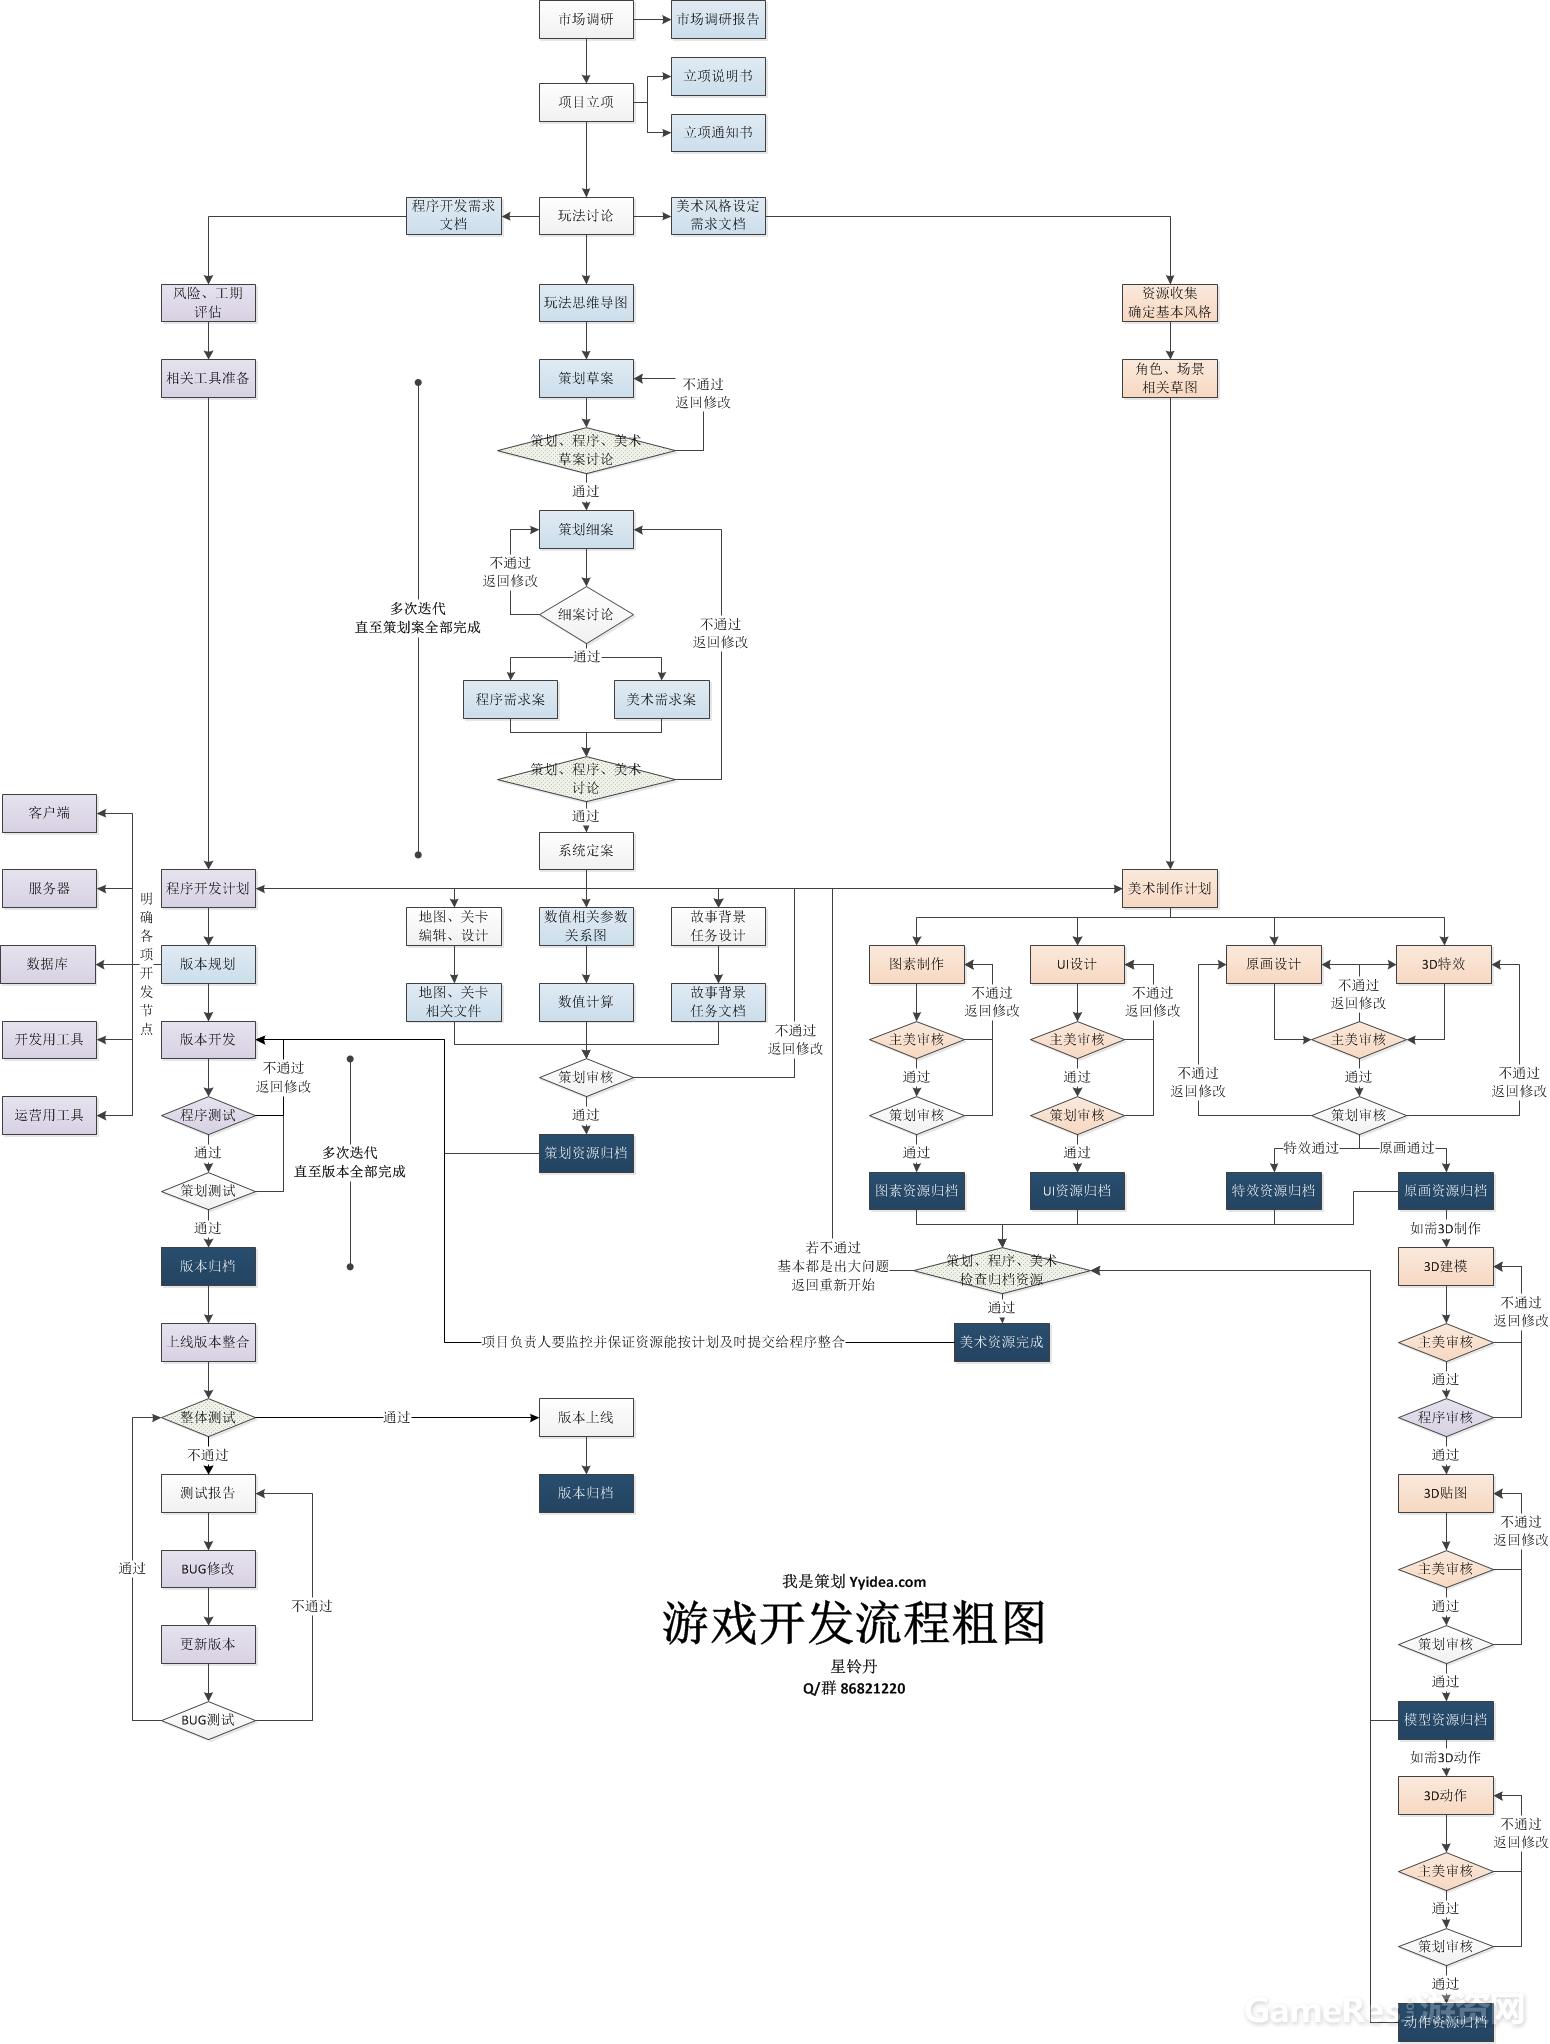 游戏开发流程图.png